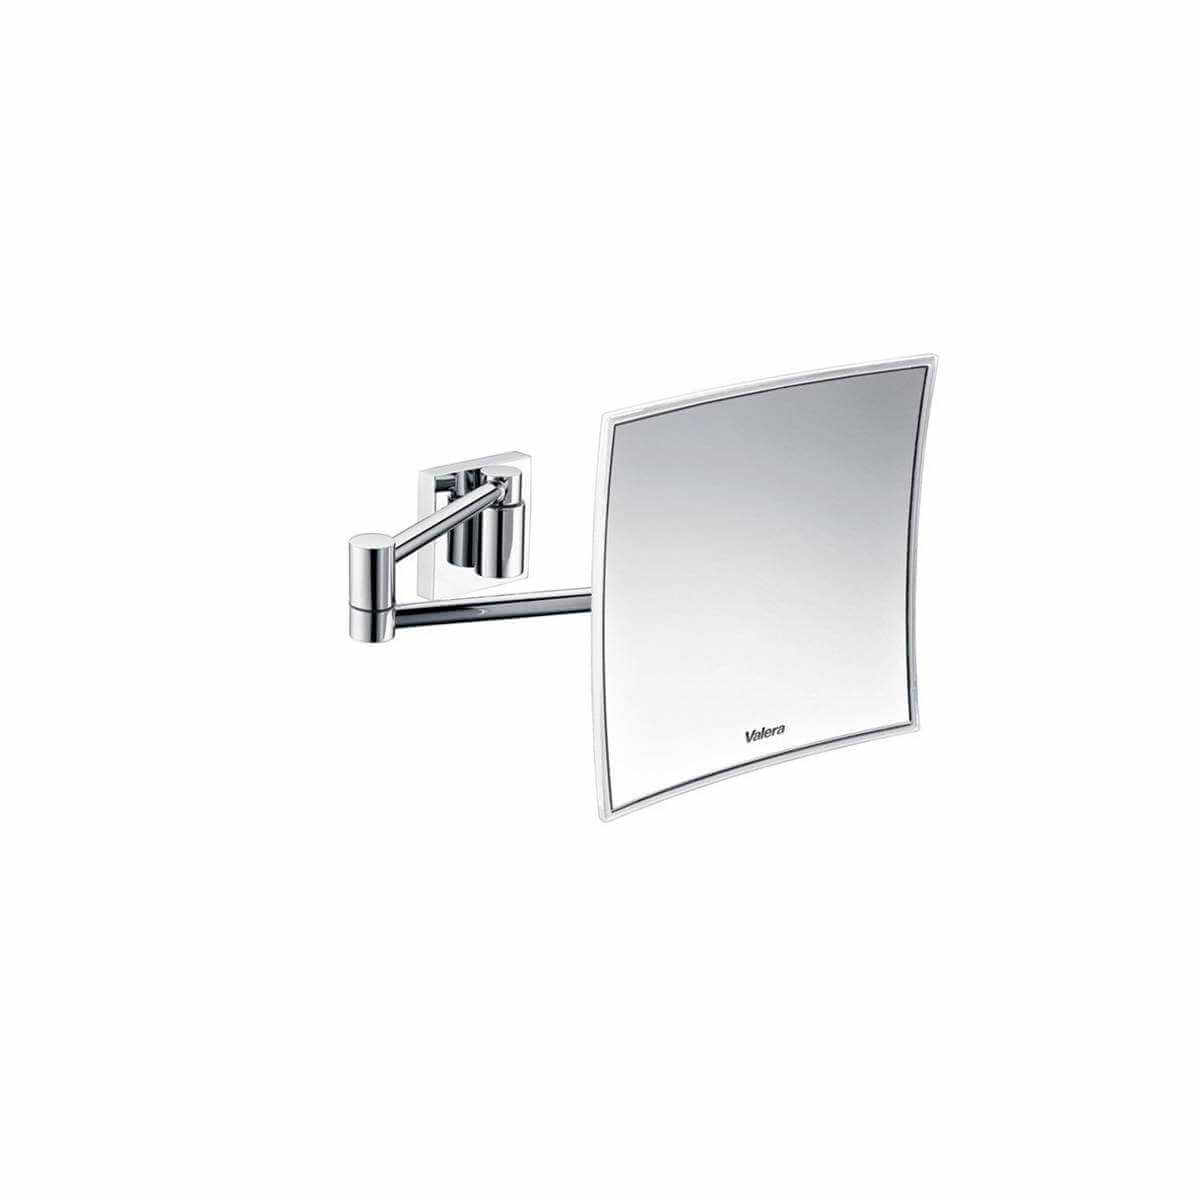 Квадратное настенное зеркало с увеличением Valera Essence Square 207.08 Valera